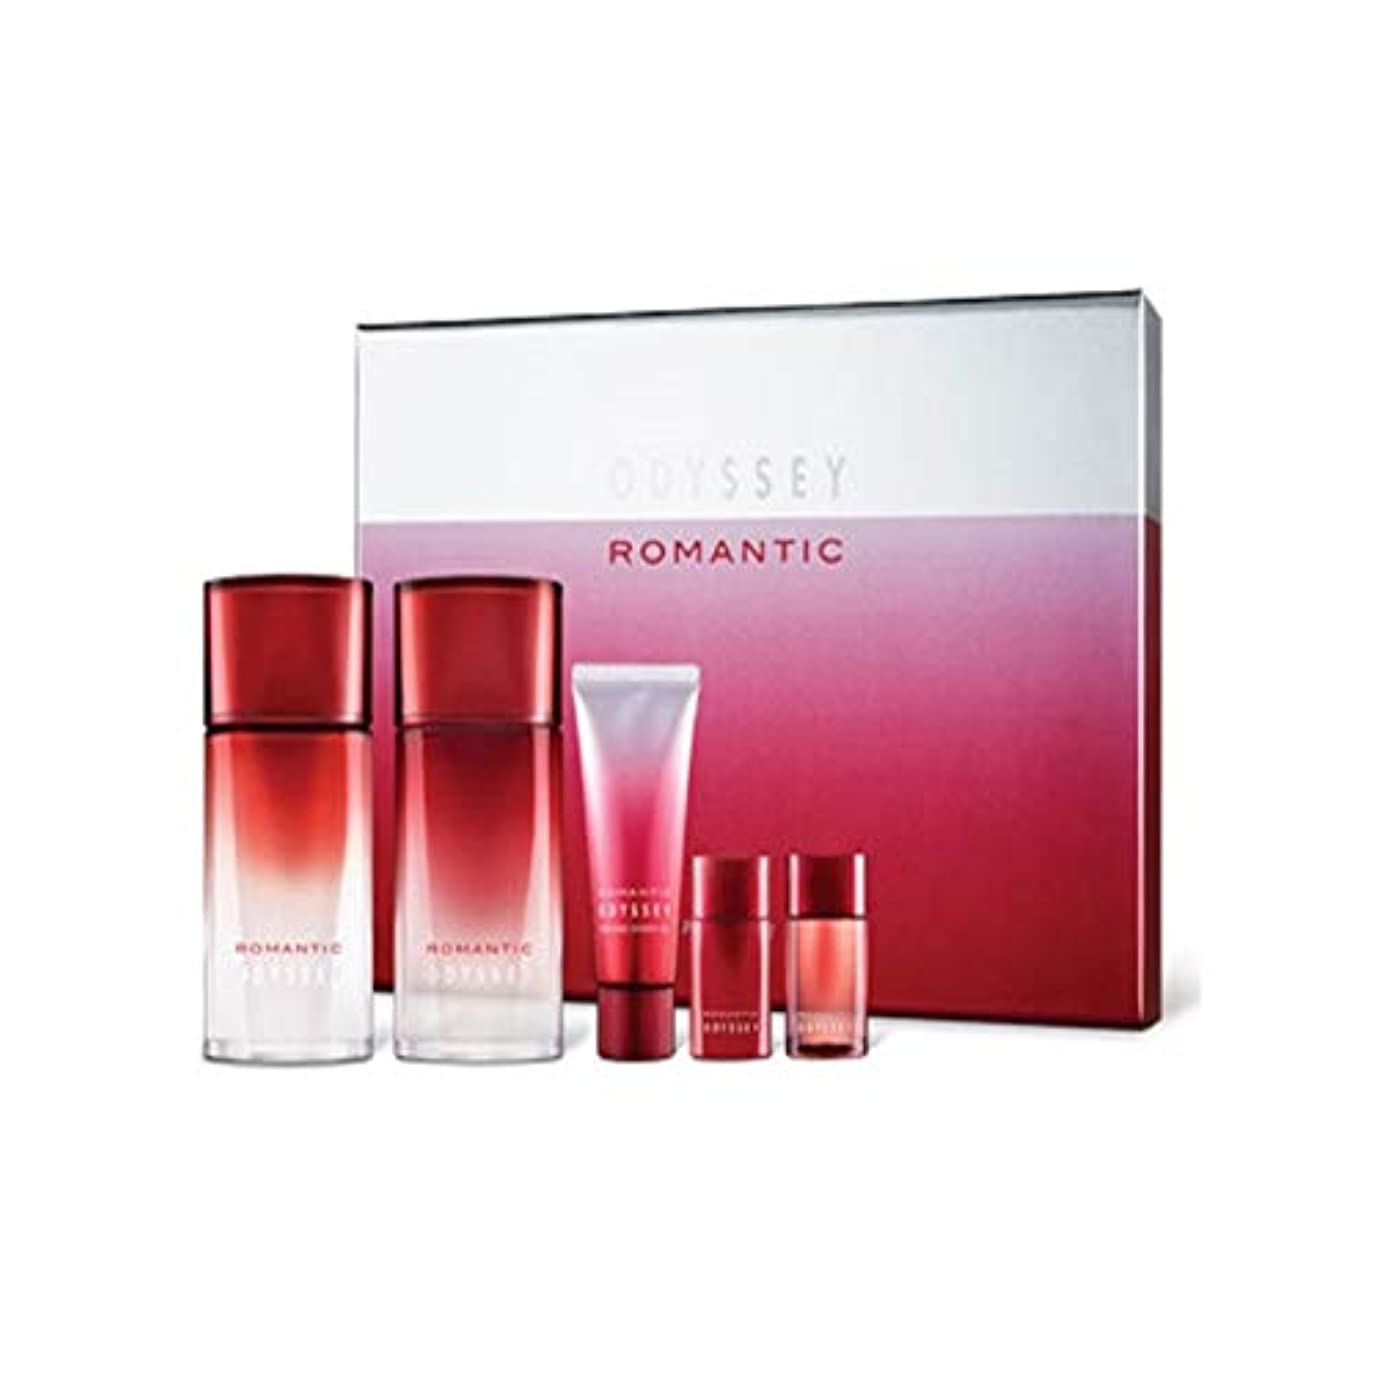 目に見える上向き顧問オデッセイロマンチックスキンリファイナーローションセットメンズコスメ韓国コスメ、Odyssey Romantic Skin Refiner Lotion Set Men's Cosmetics Korean Cosmetics...